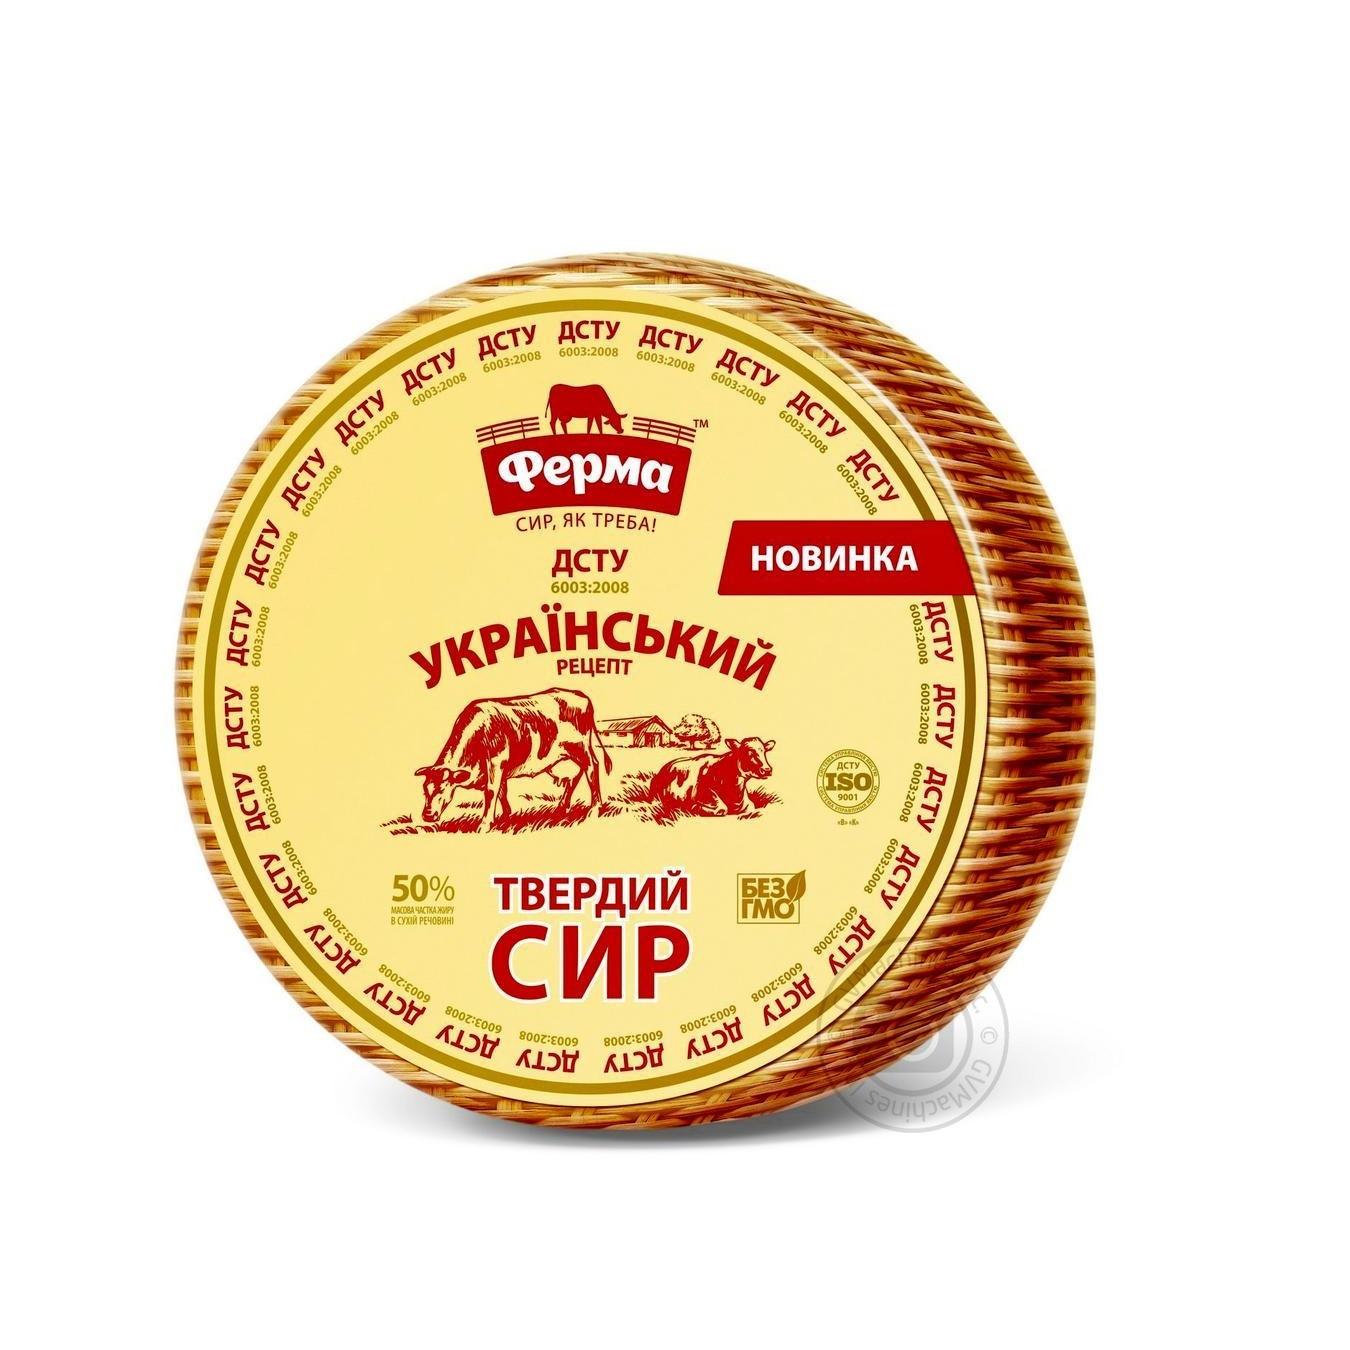 Купить Сир Ферма Український твердий 50% фасовка